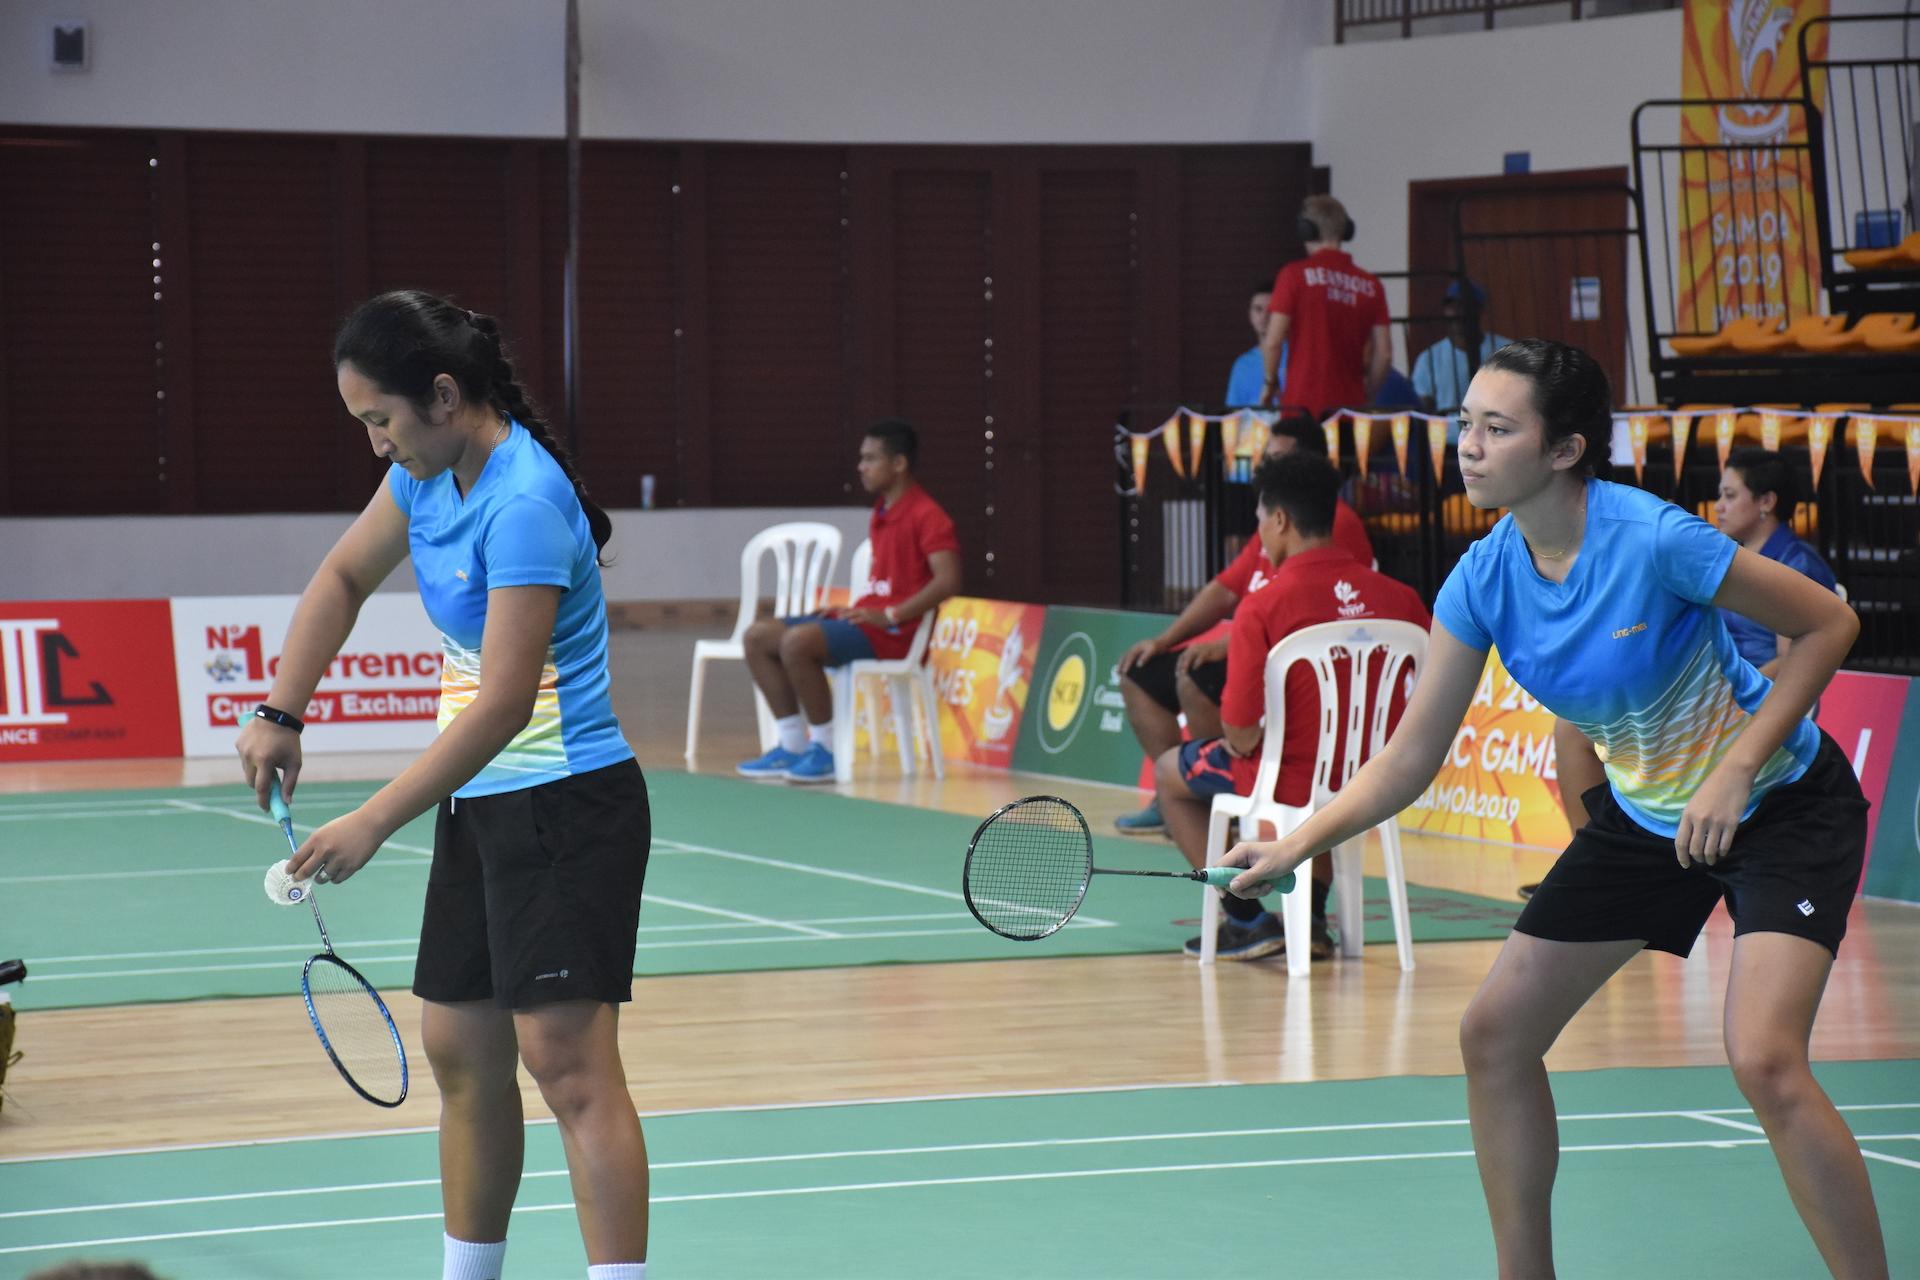 Esther Tau et Coralie Bouttin ont remporté la médaille de bronze en double dame.